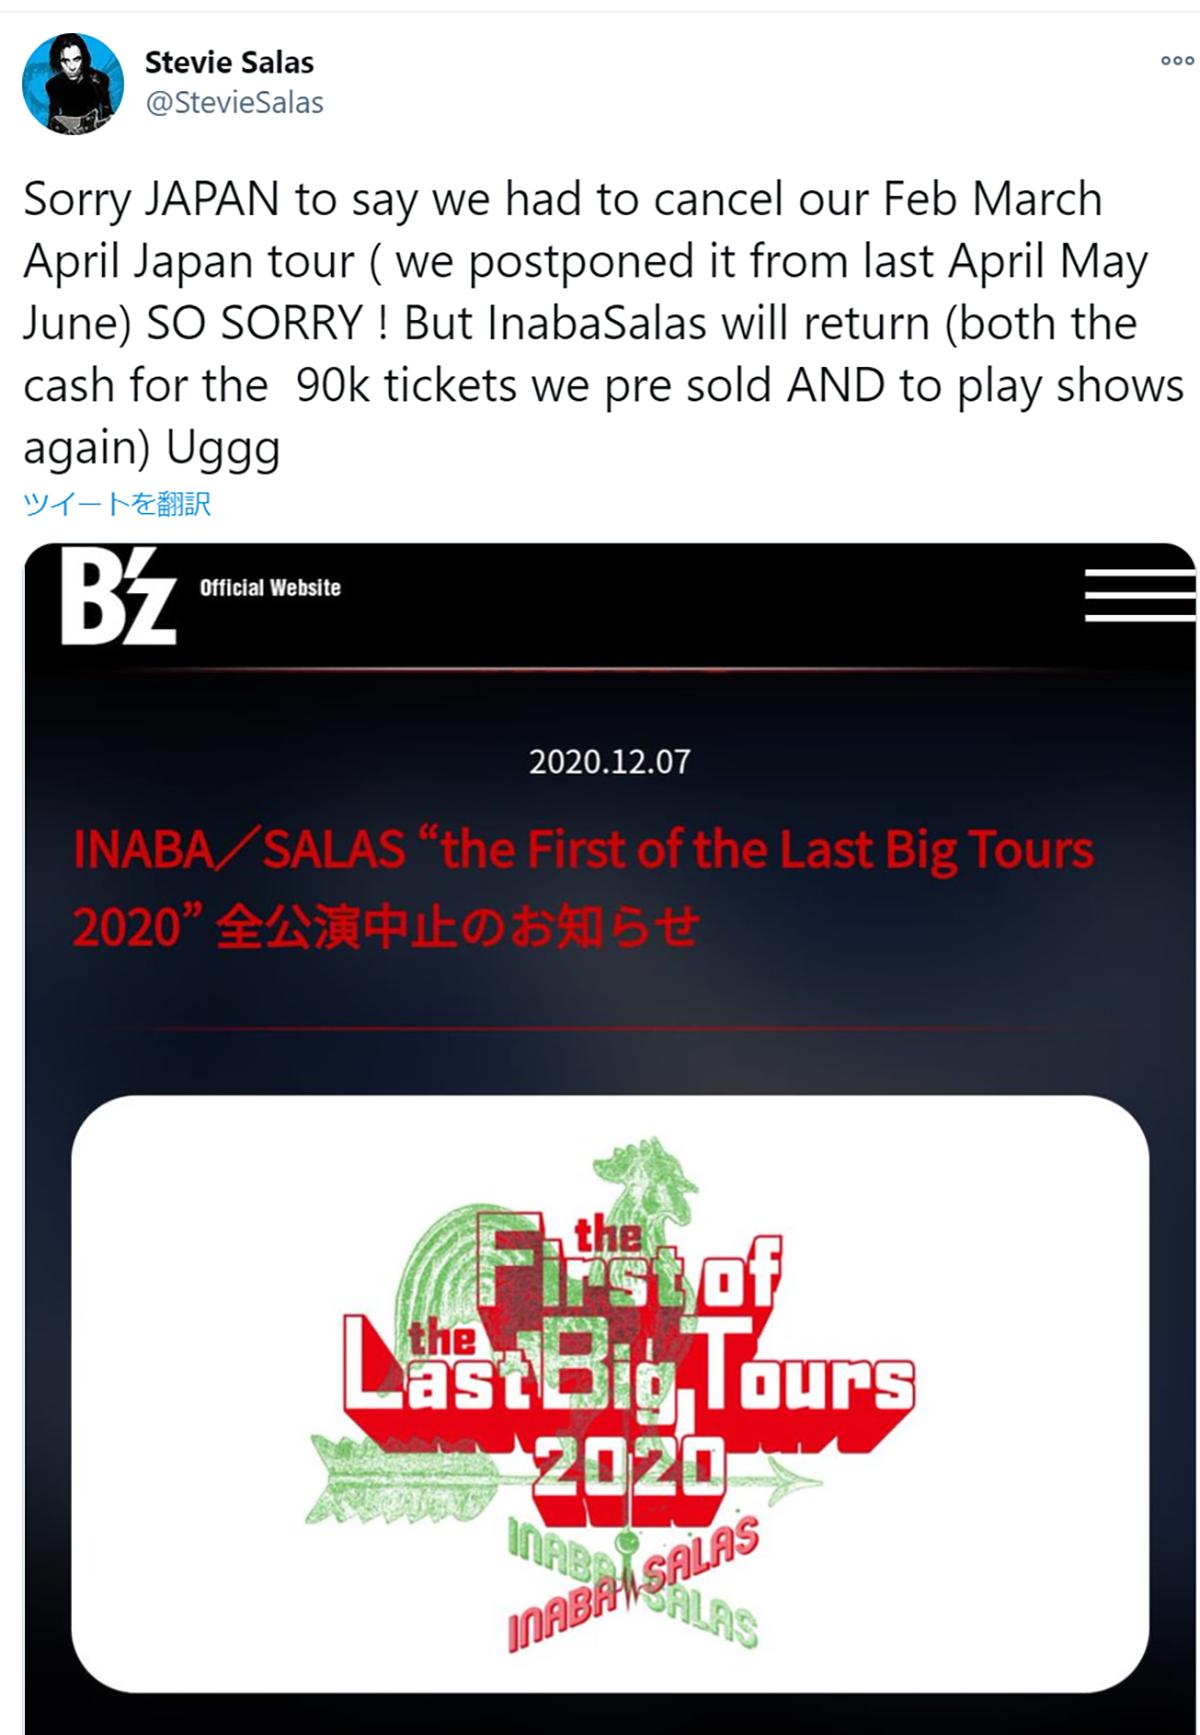 スティーヴィー・サラスがINABA / SALAS日本ツアー中止に言及したTwitter投稿